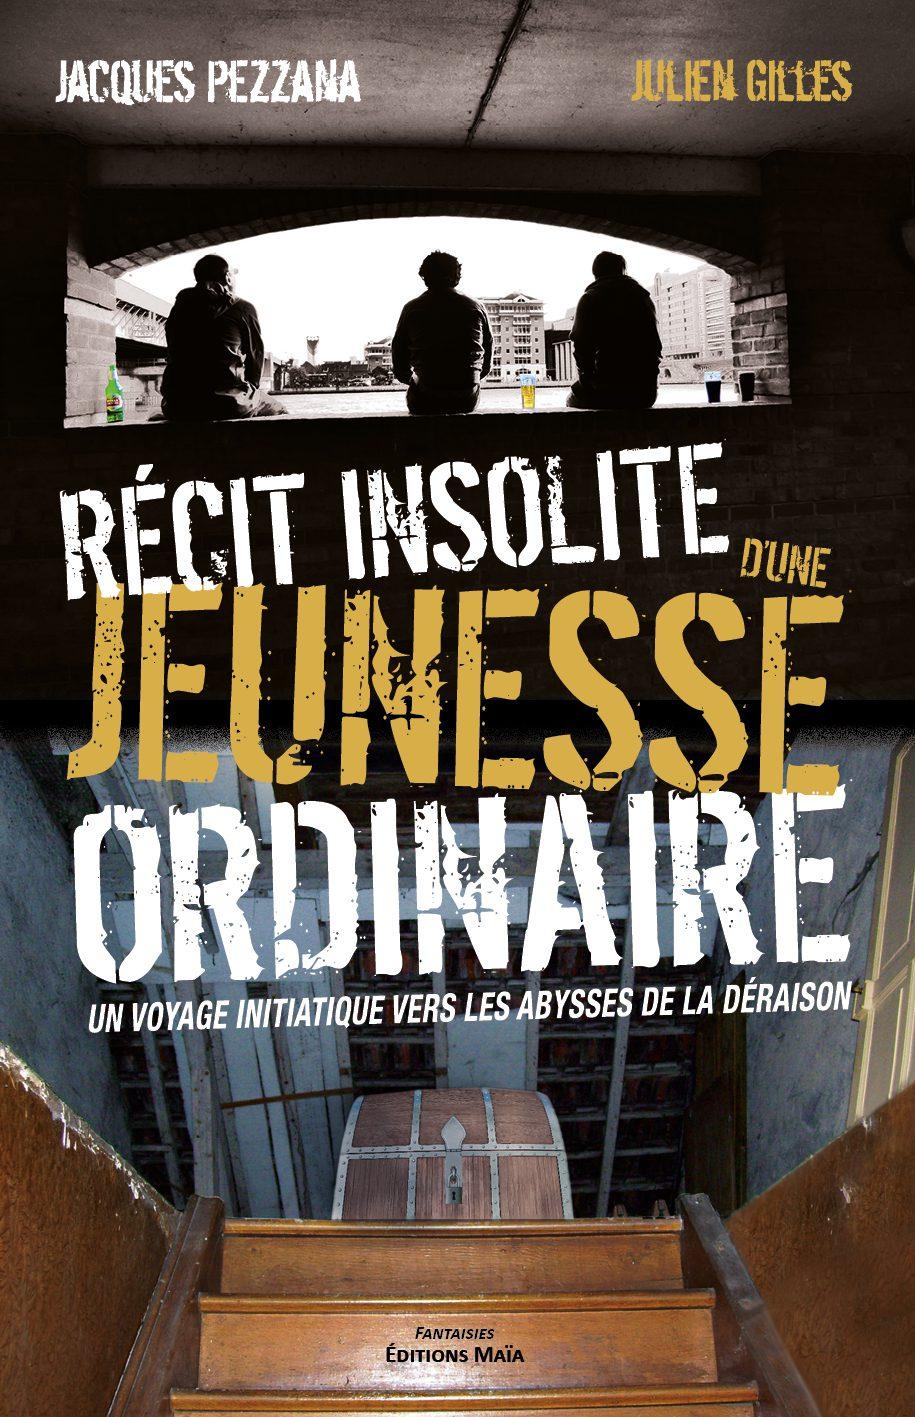 Entretien avec Jacques Pezzana & Julien Gilles – Récit insolite d'une jeunesse ordinaire